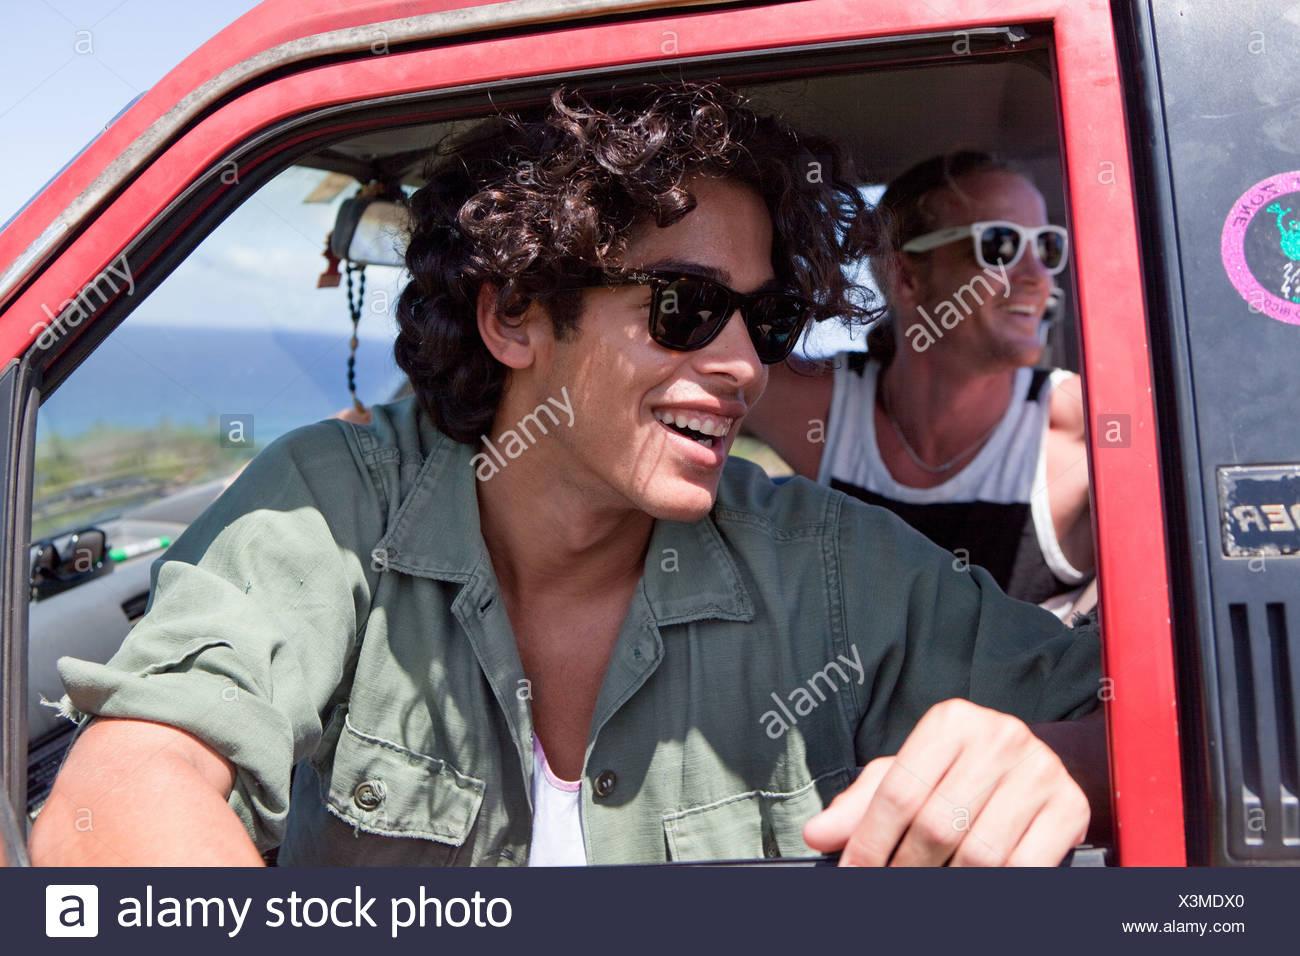 Dos hombres en busca de abrir ventana de coche en vacaciones Imagen De Stock